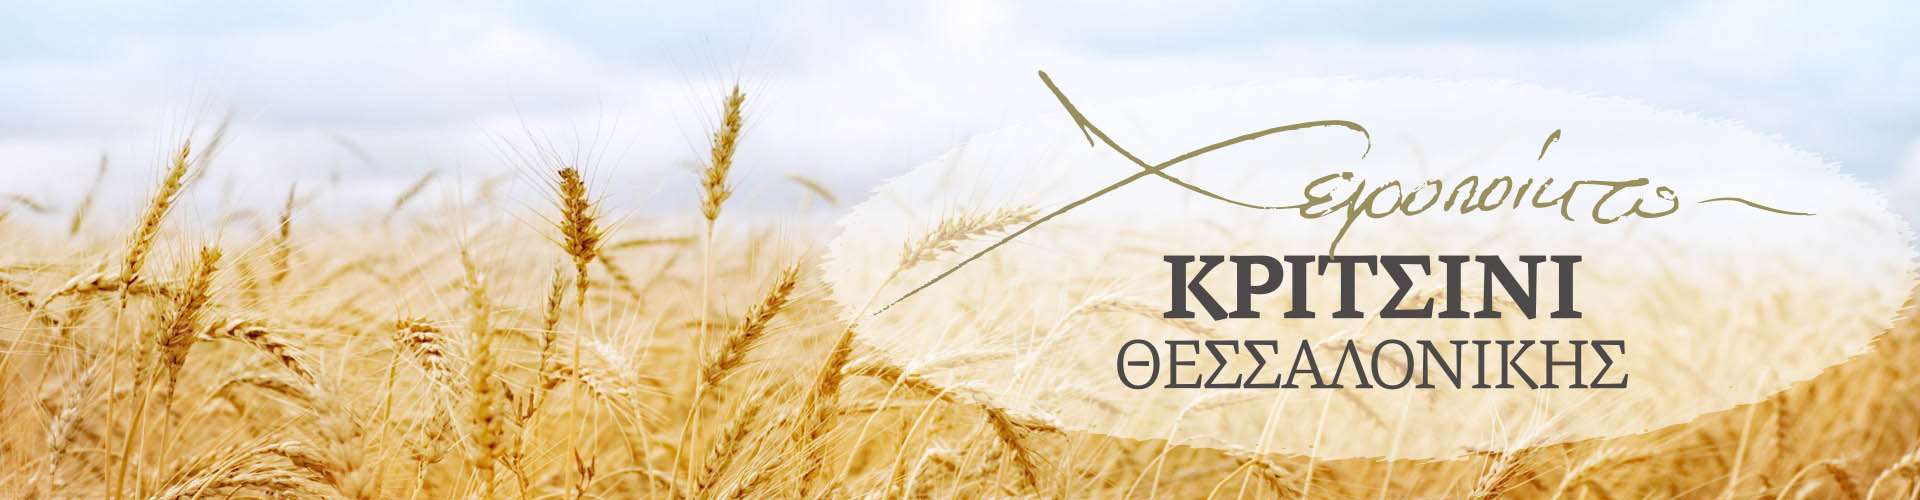 paradosiako kritsini thessalonikis